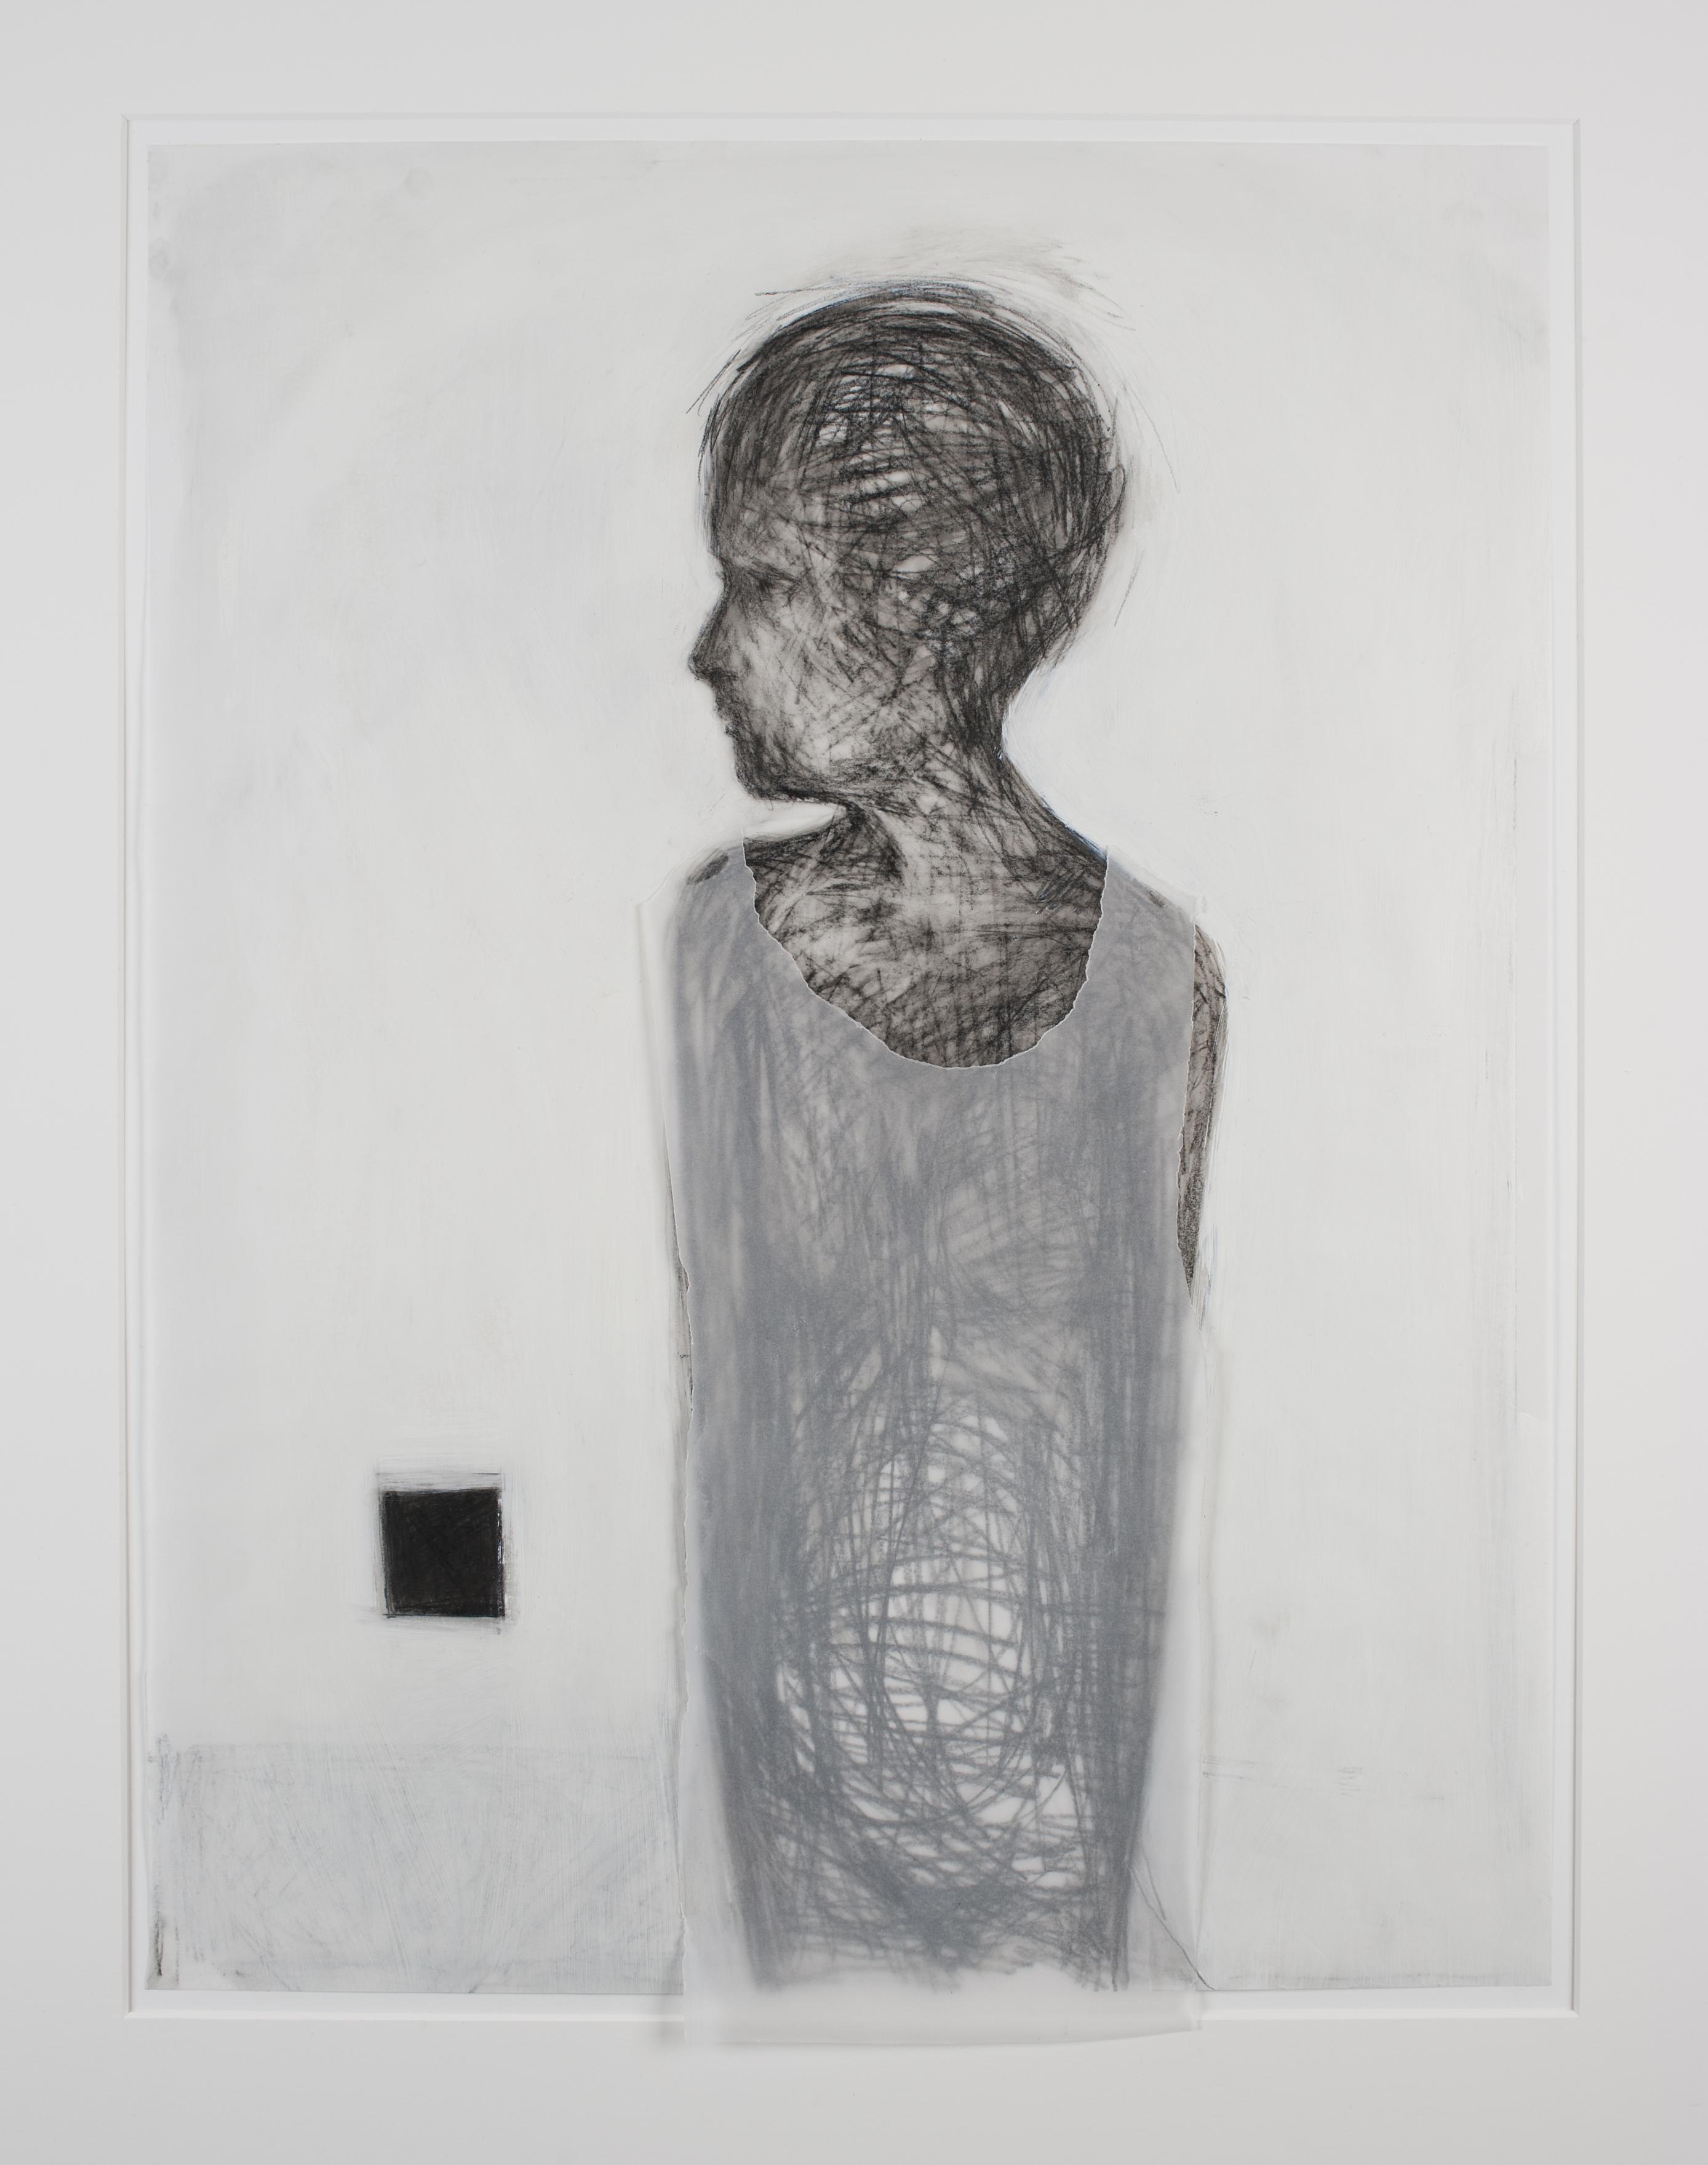 Woman Alone #2